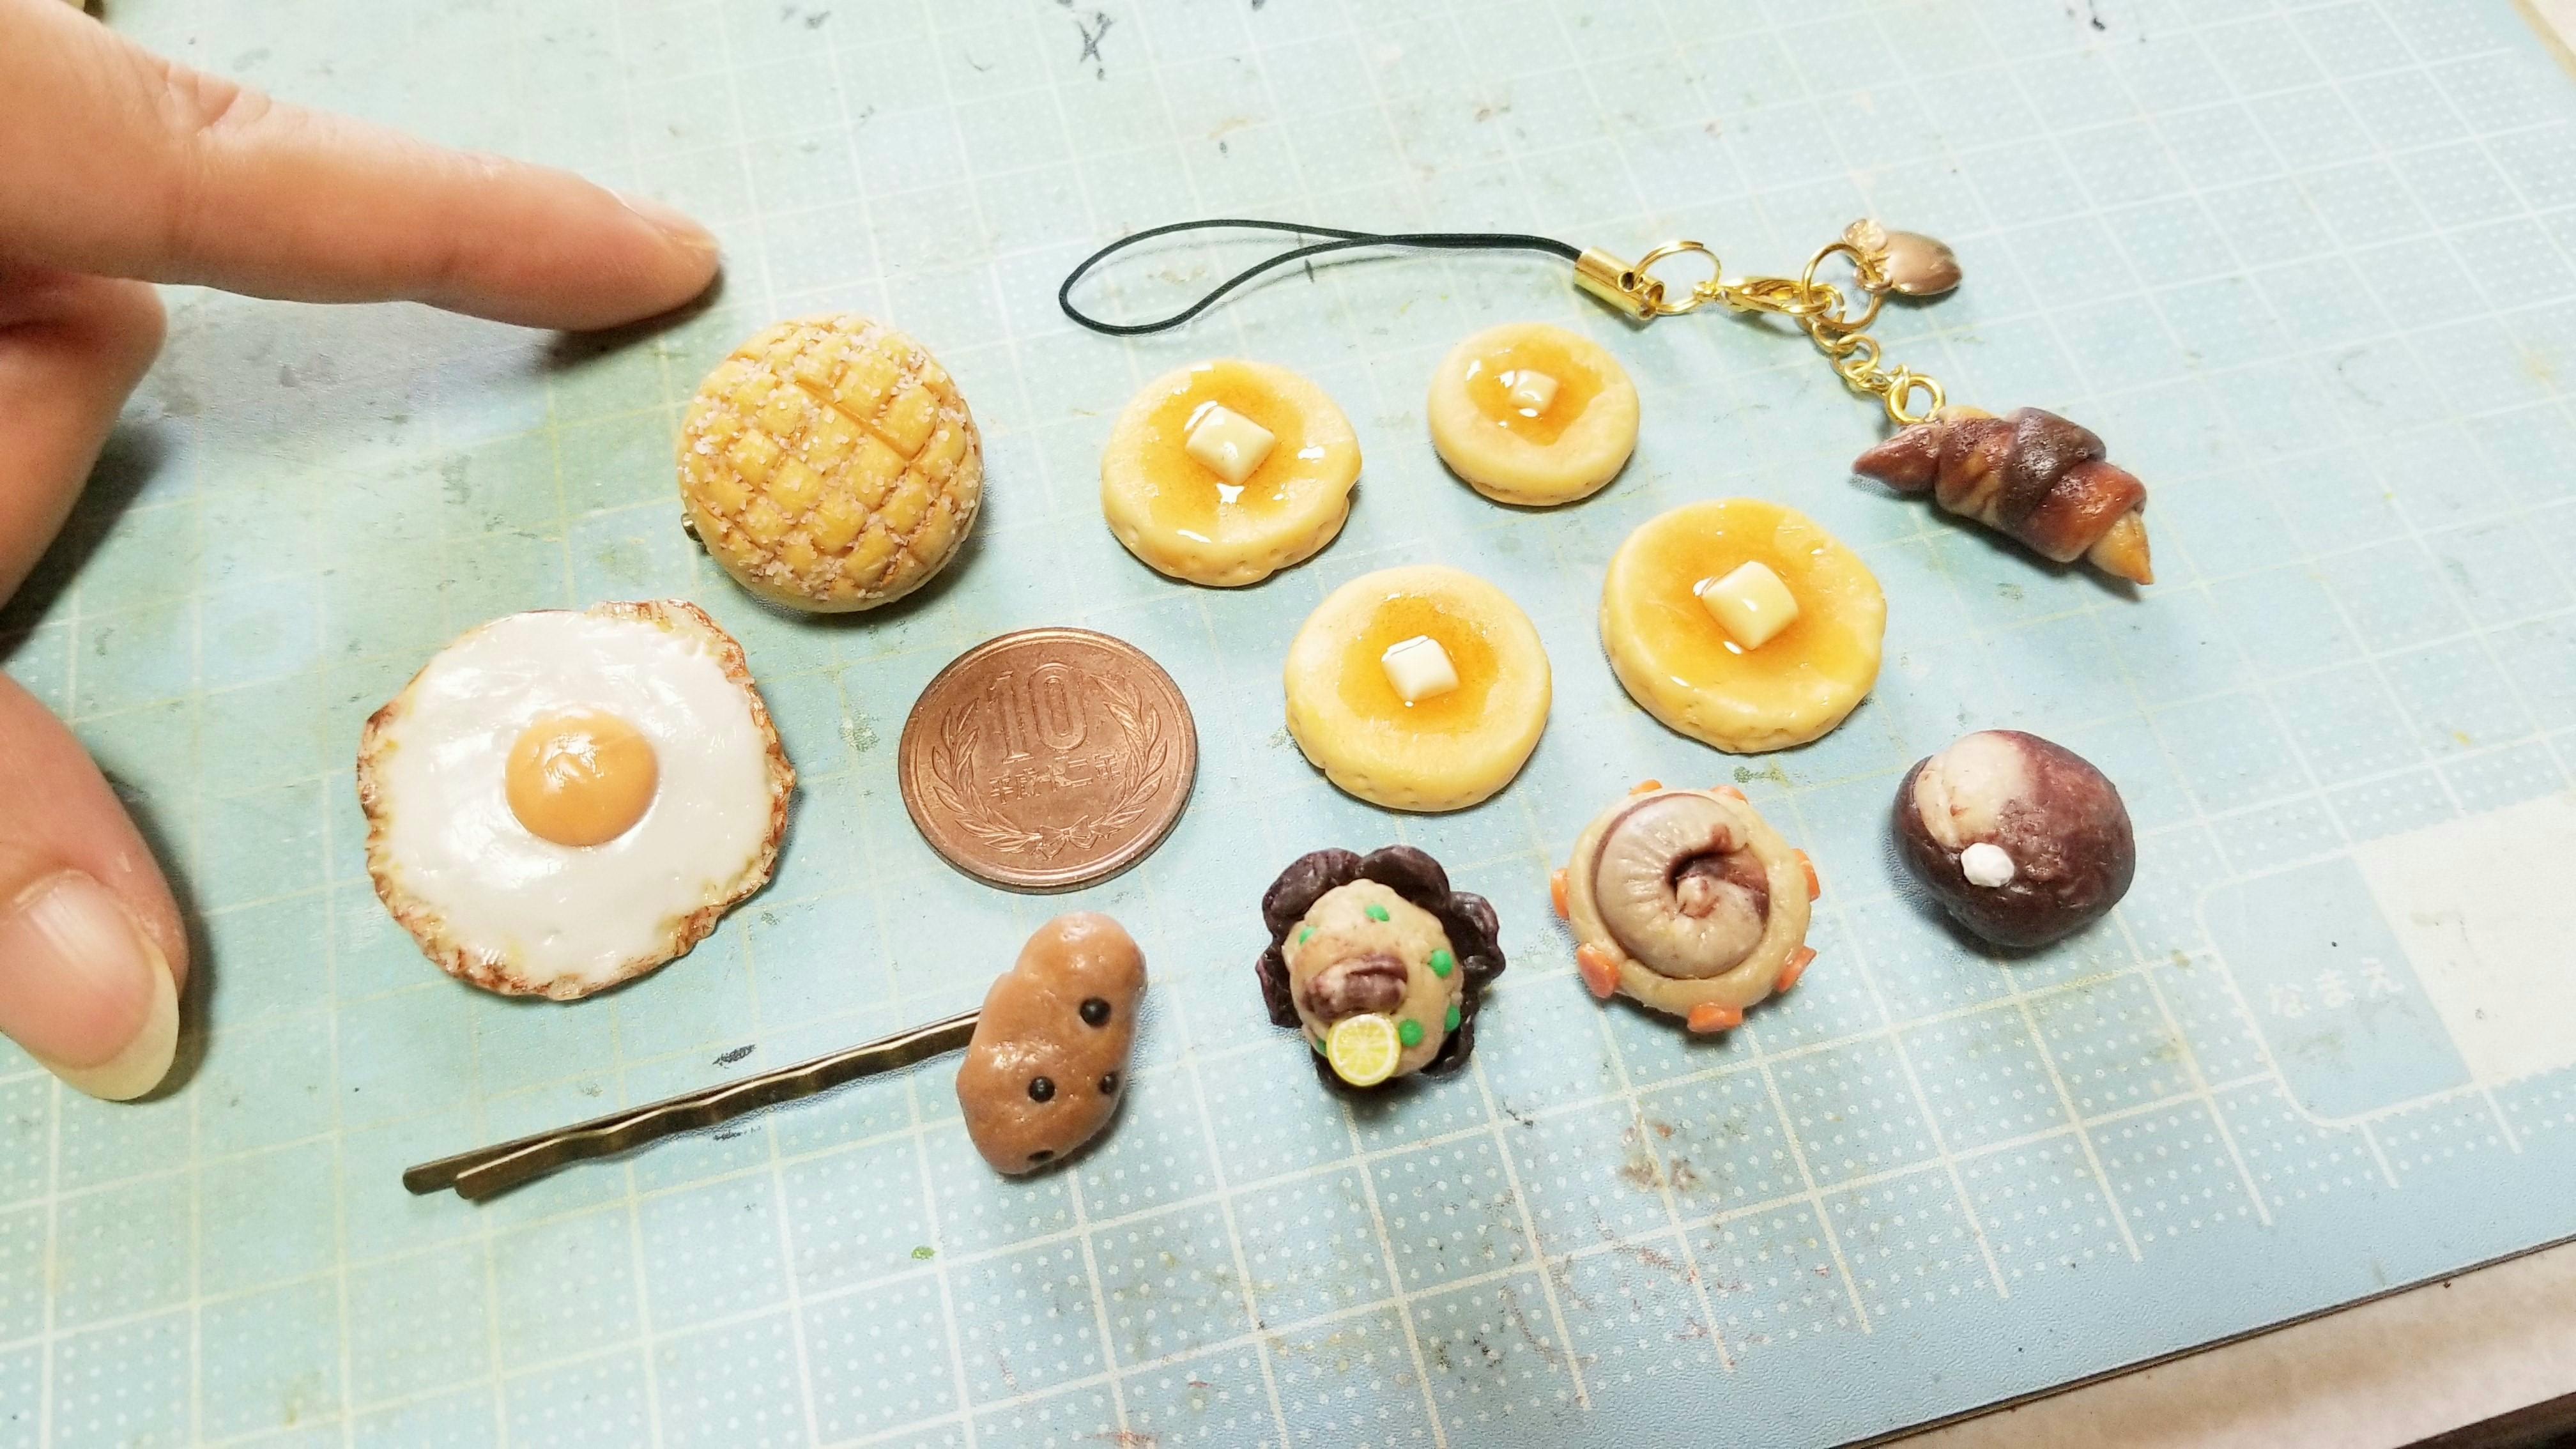 ミニチュアフードおばの作品樹脂粘土パンホットケーキ目玉焼き